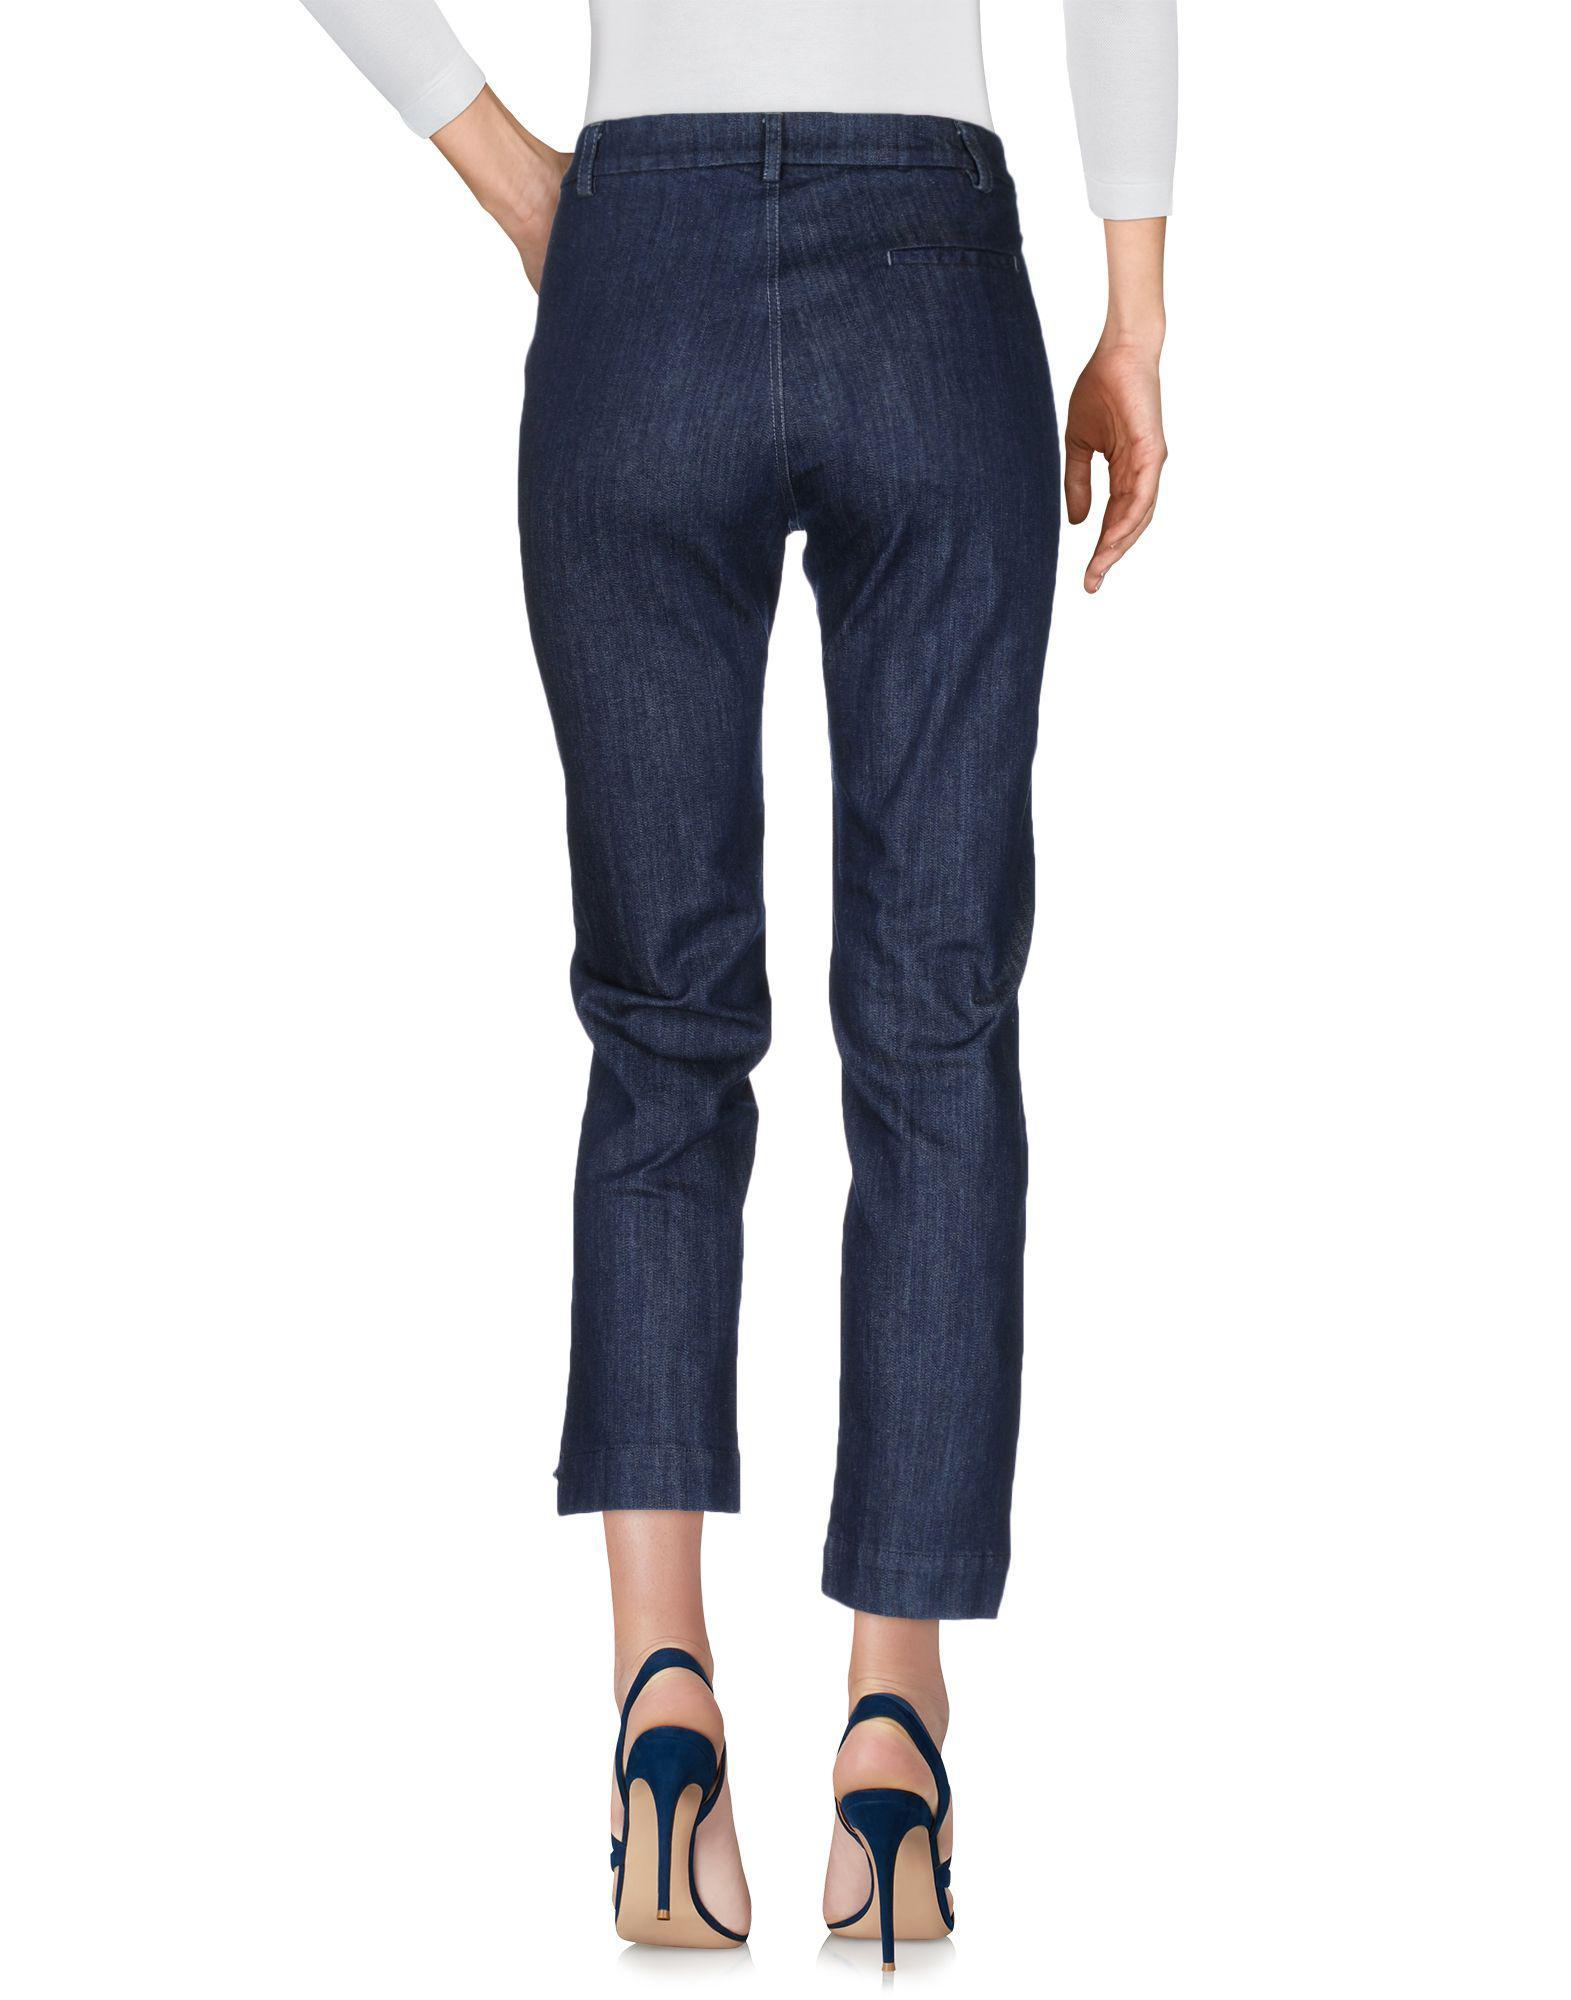 DENIM - Denim trousers Erika Cavallini Semi Couture iUGO5Dp